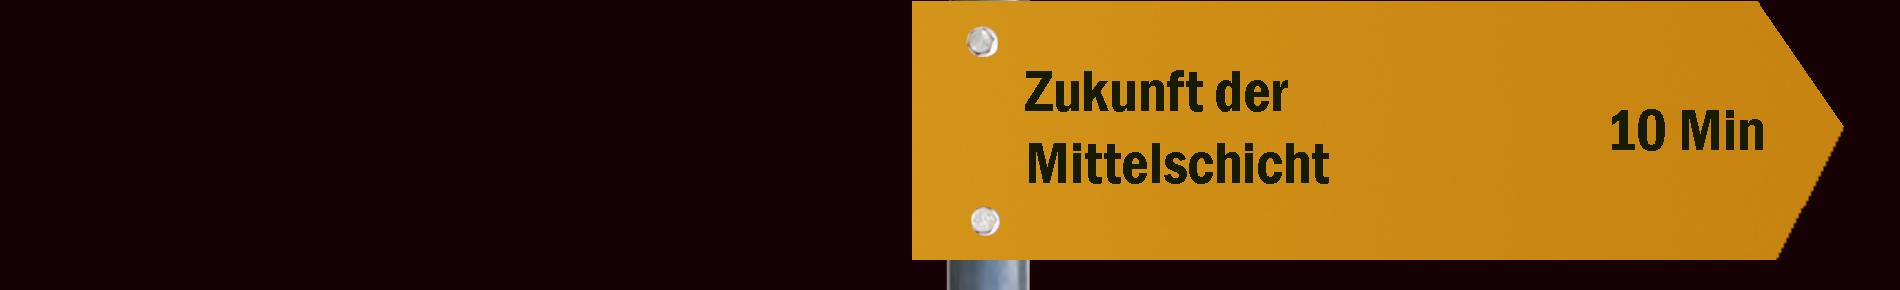 WWR_ZukunftMittelsch